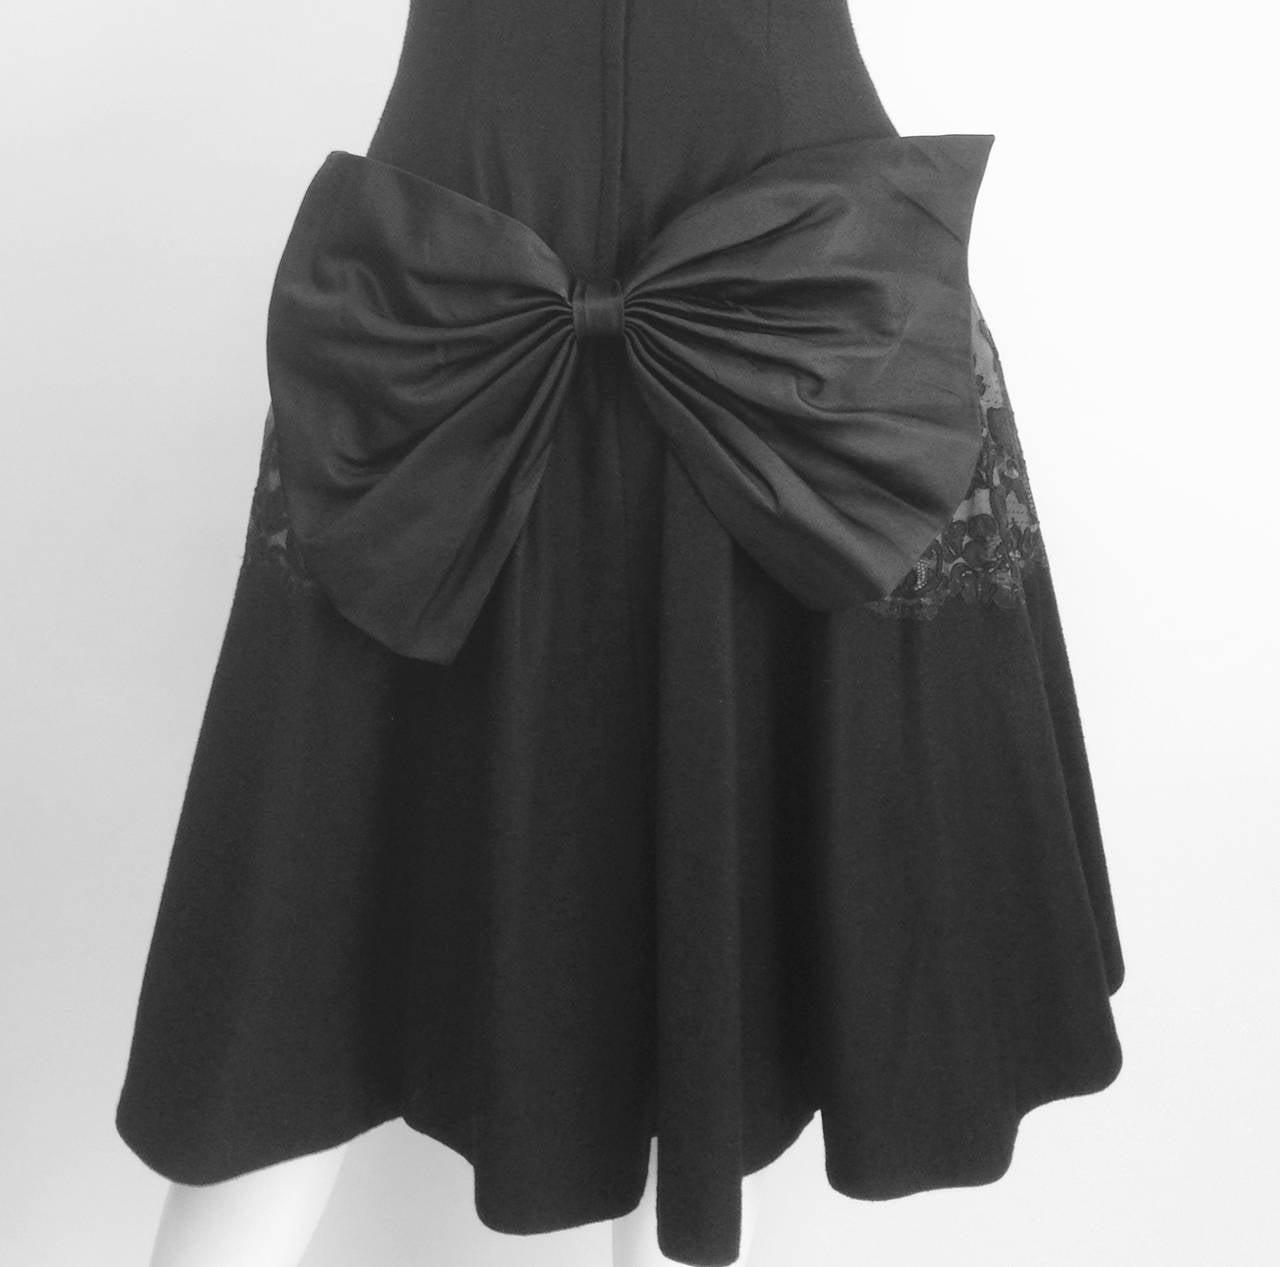 Women's 1950s Mr. Blackwell Black Wool Dress For Sale